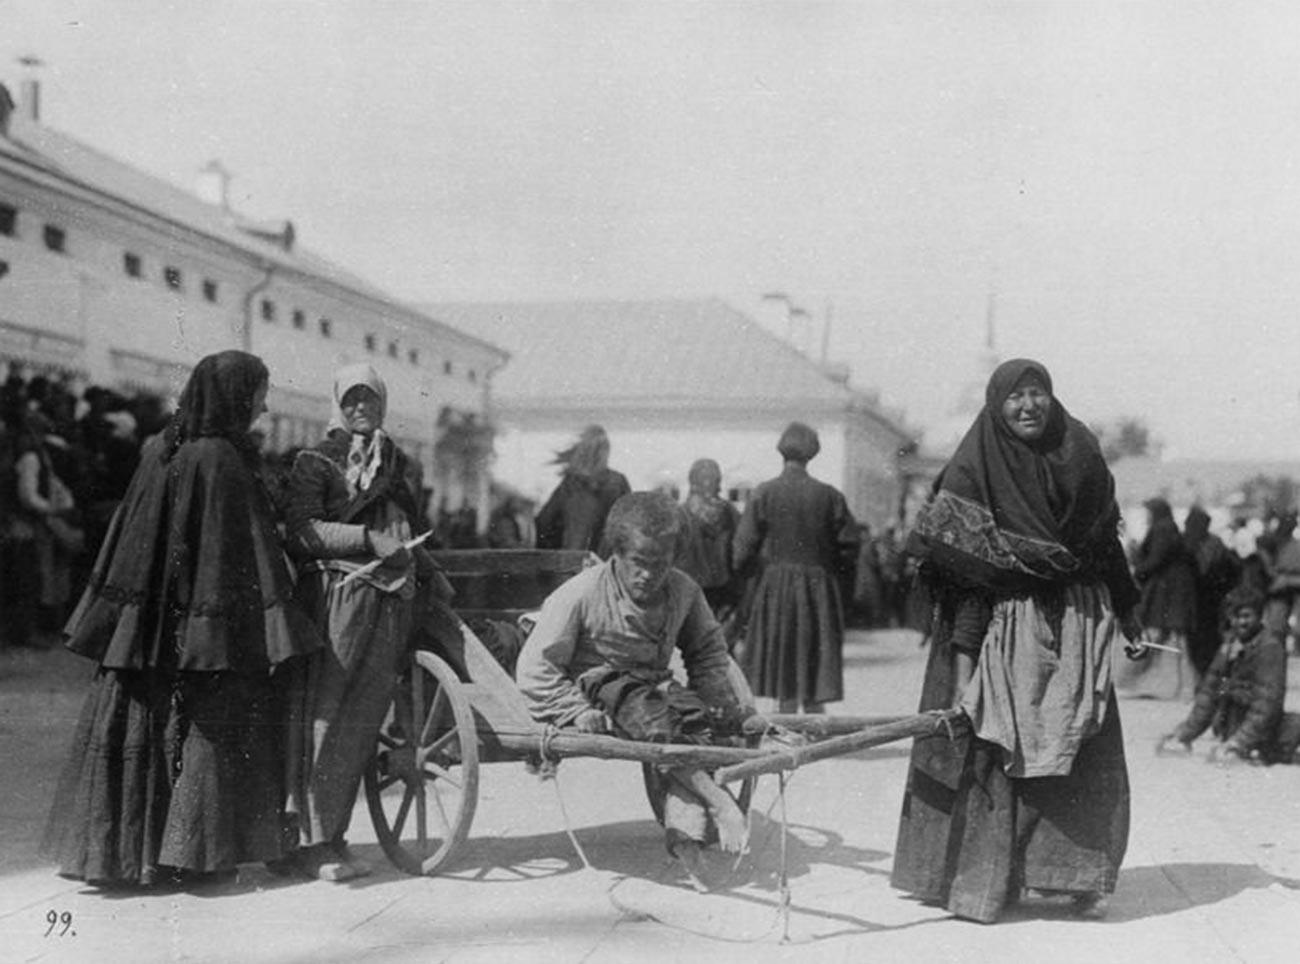 In der Nähe des Sarov-Klosters: Eine Bäuerin schleppt ihren behinderten Sohn, 1903